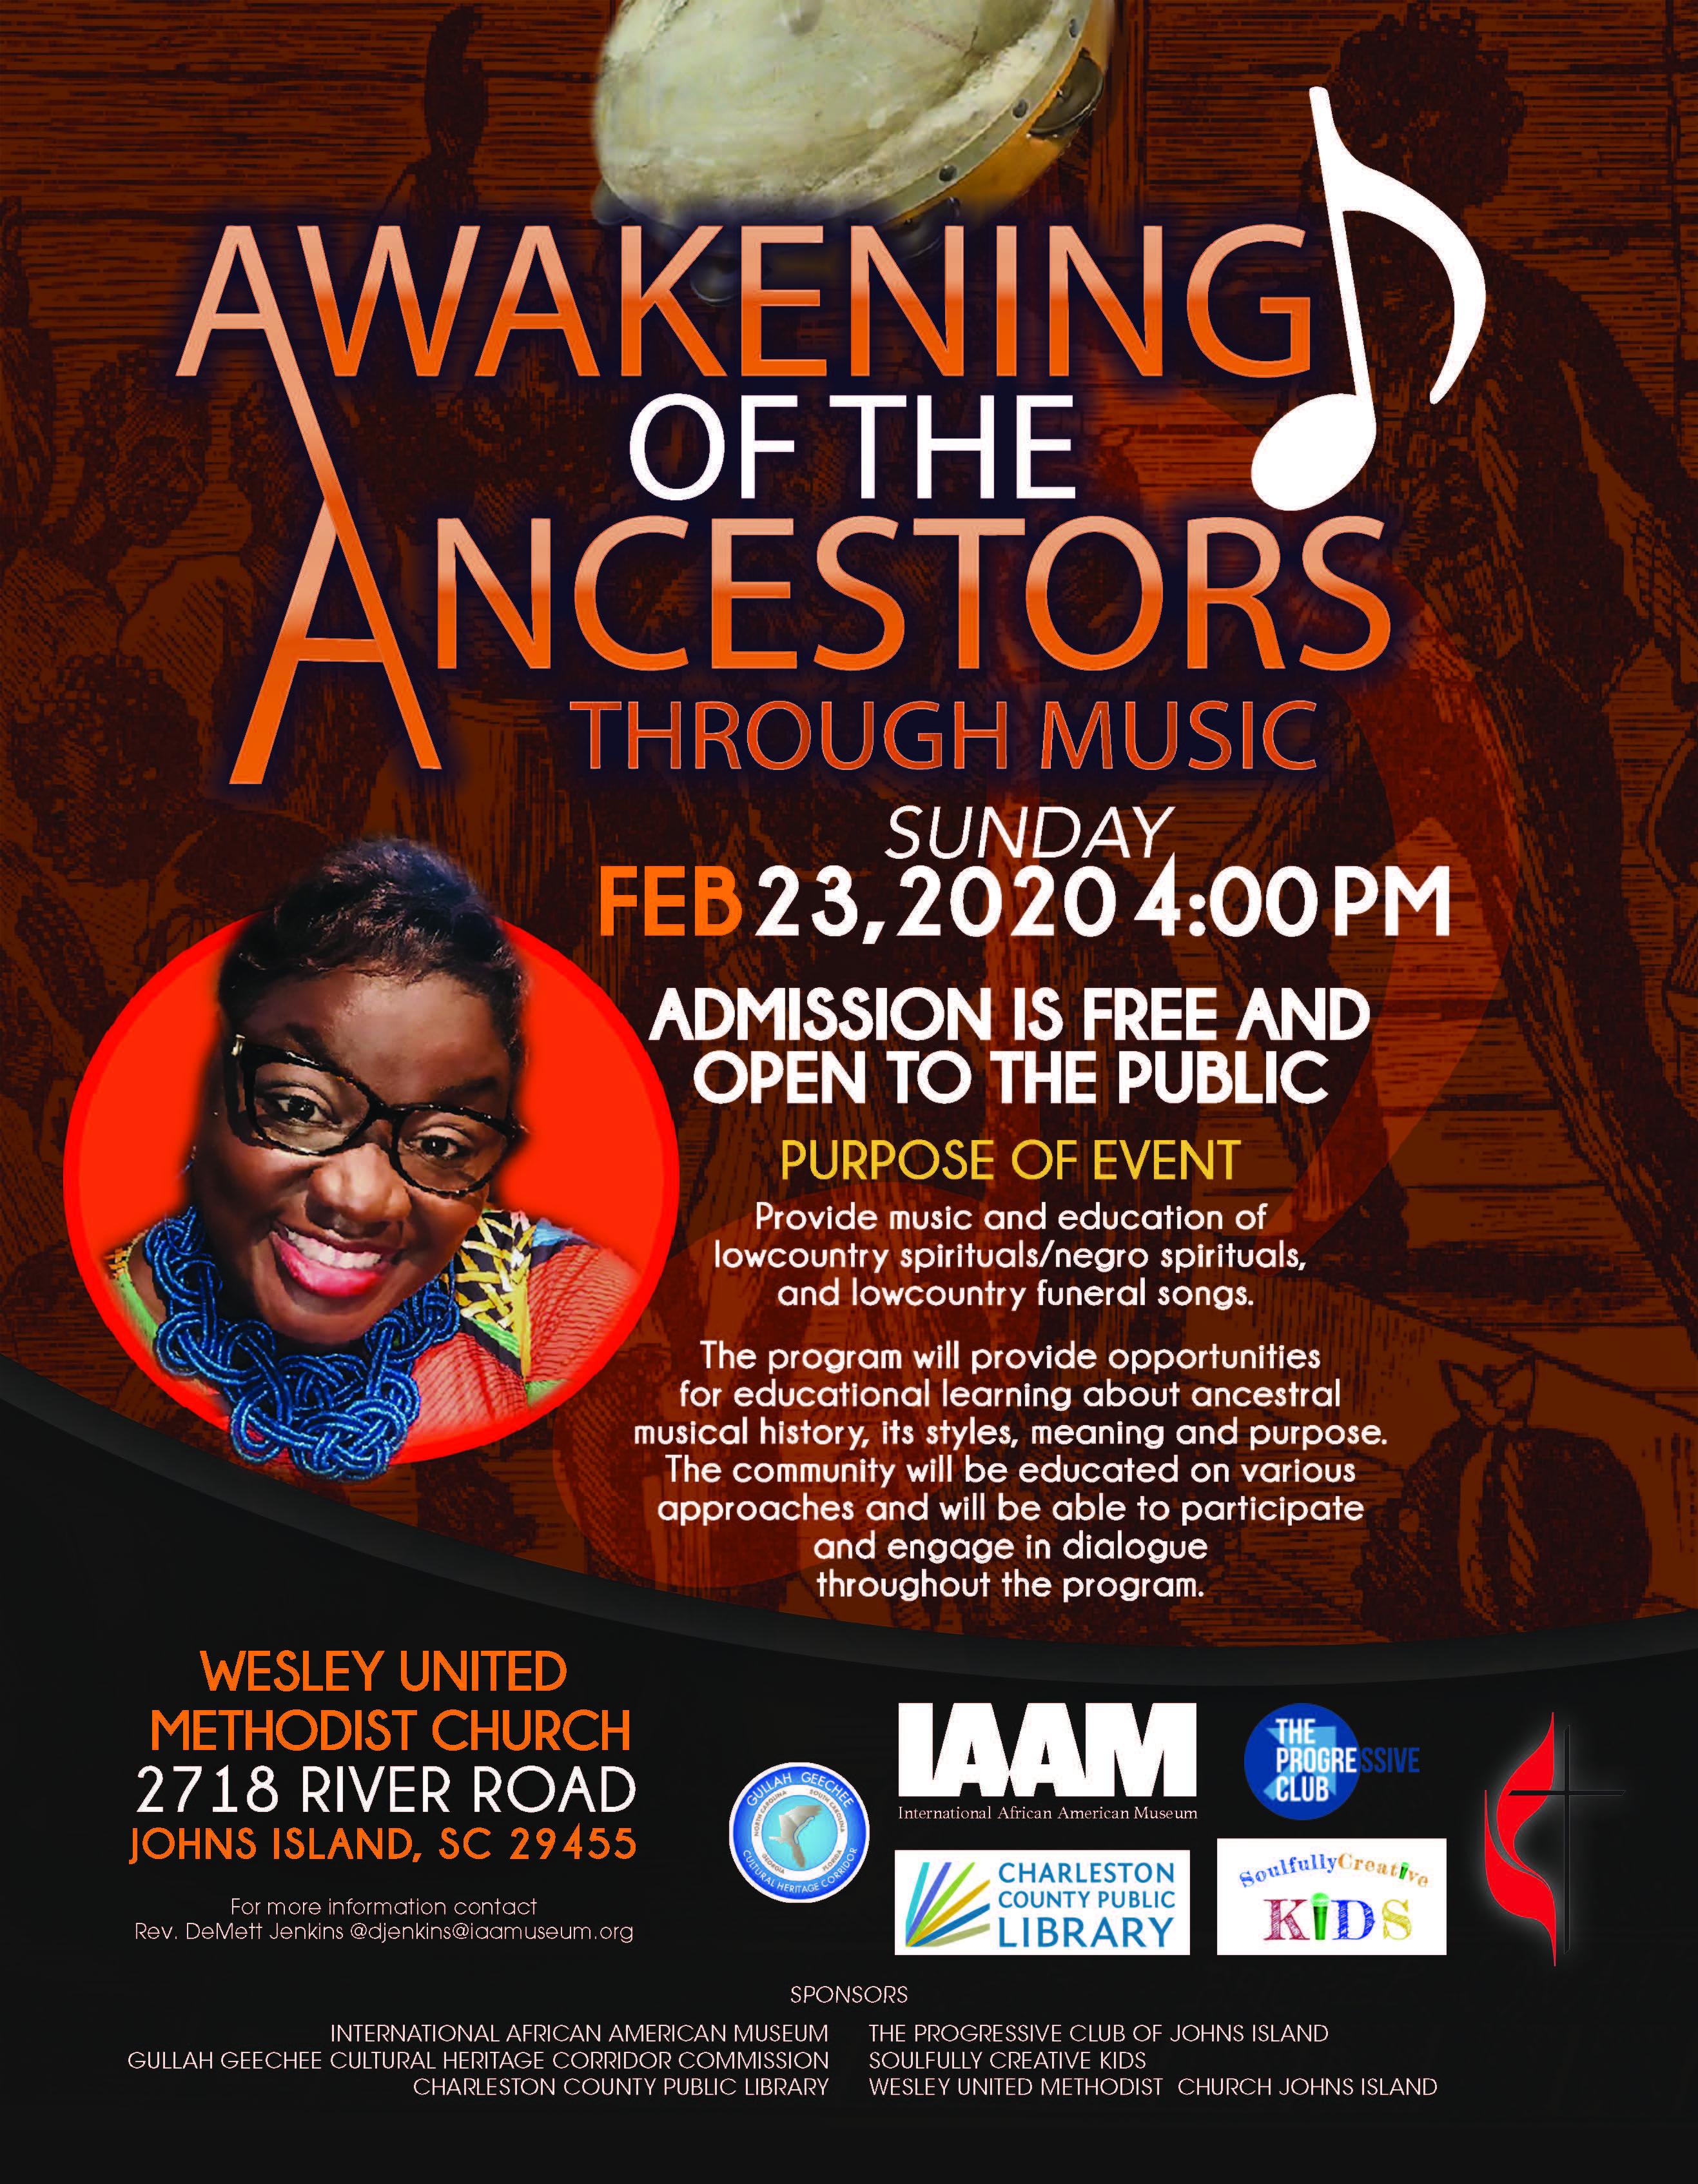 Awakening of the Ancestors Through Music